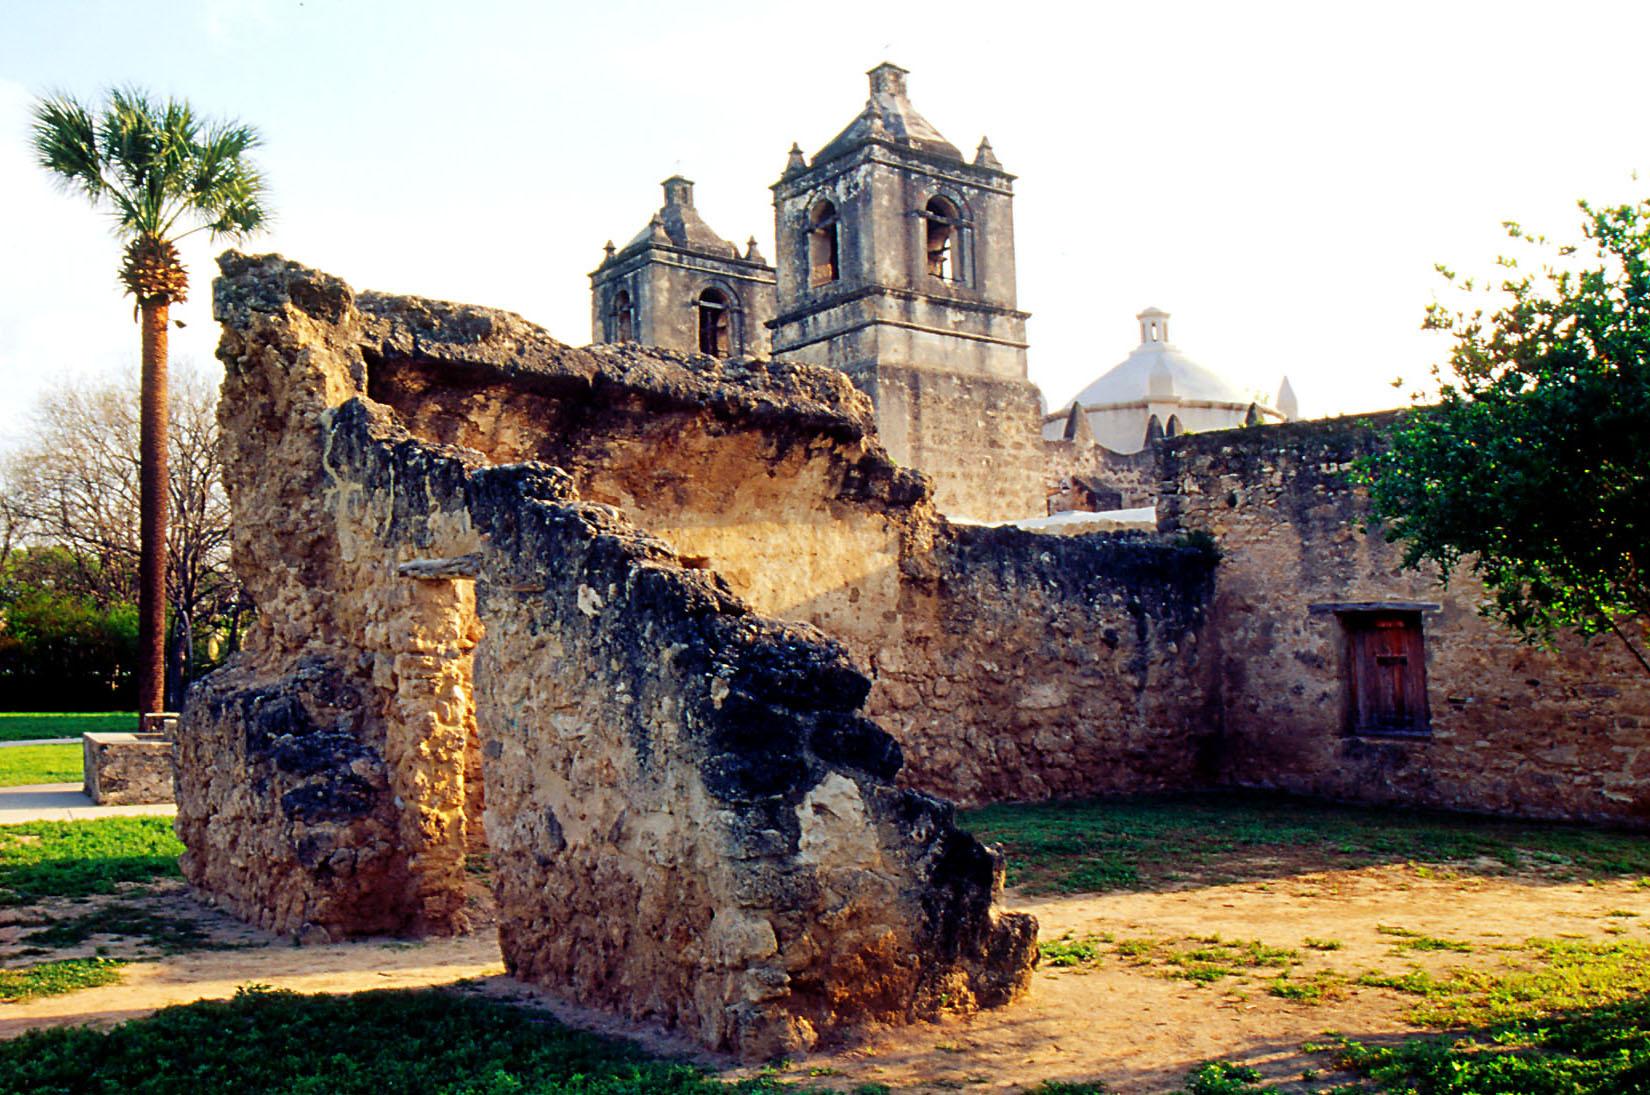 Mission San Juan, San Antonio